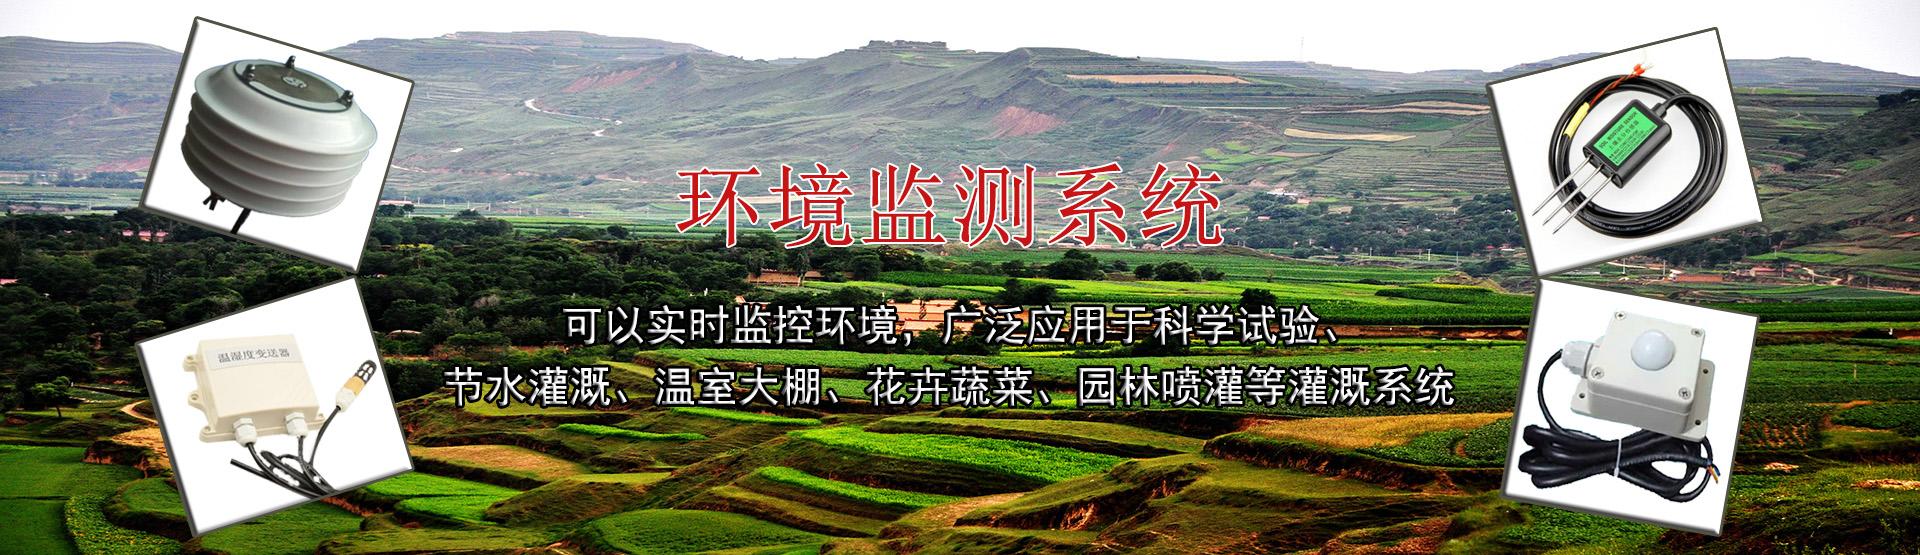 滴灌自动化灌溉系统